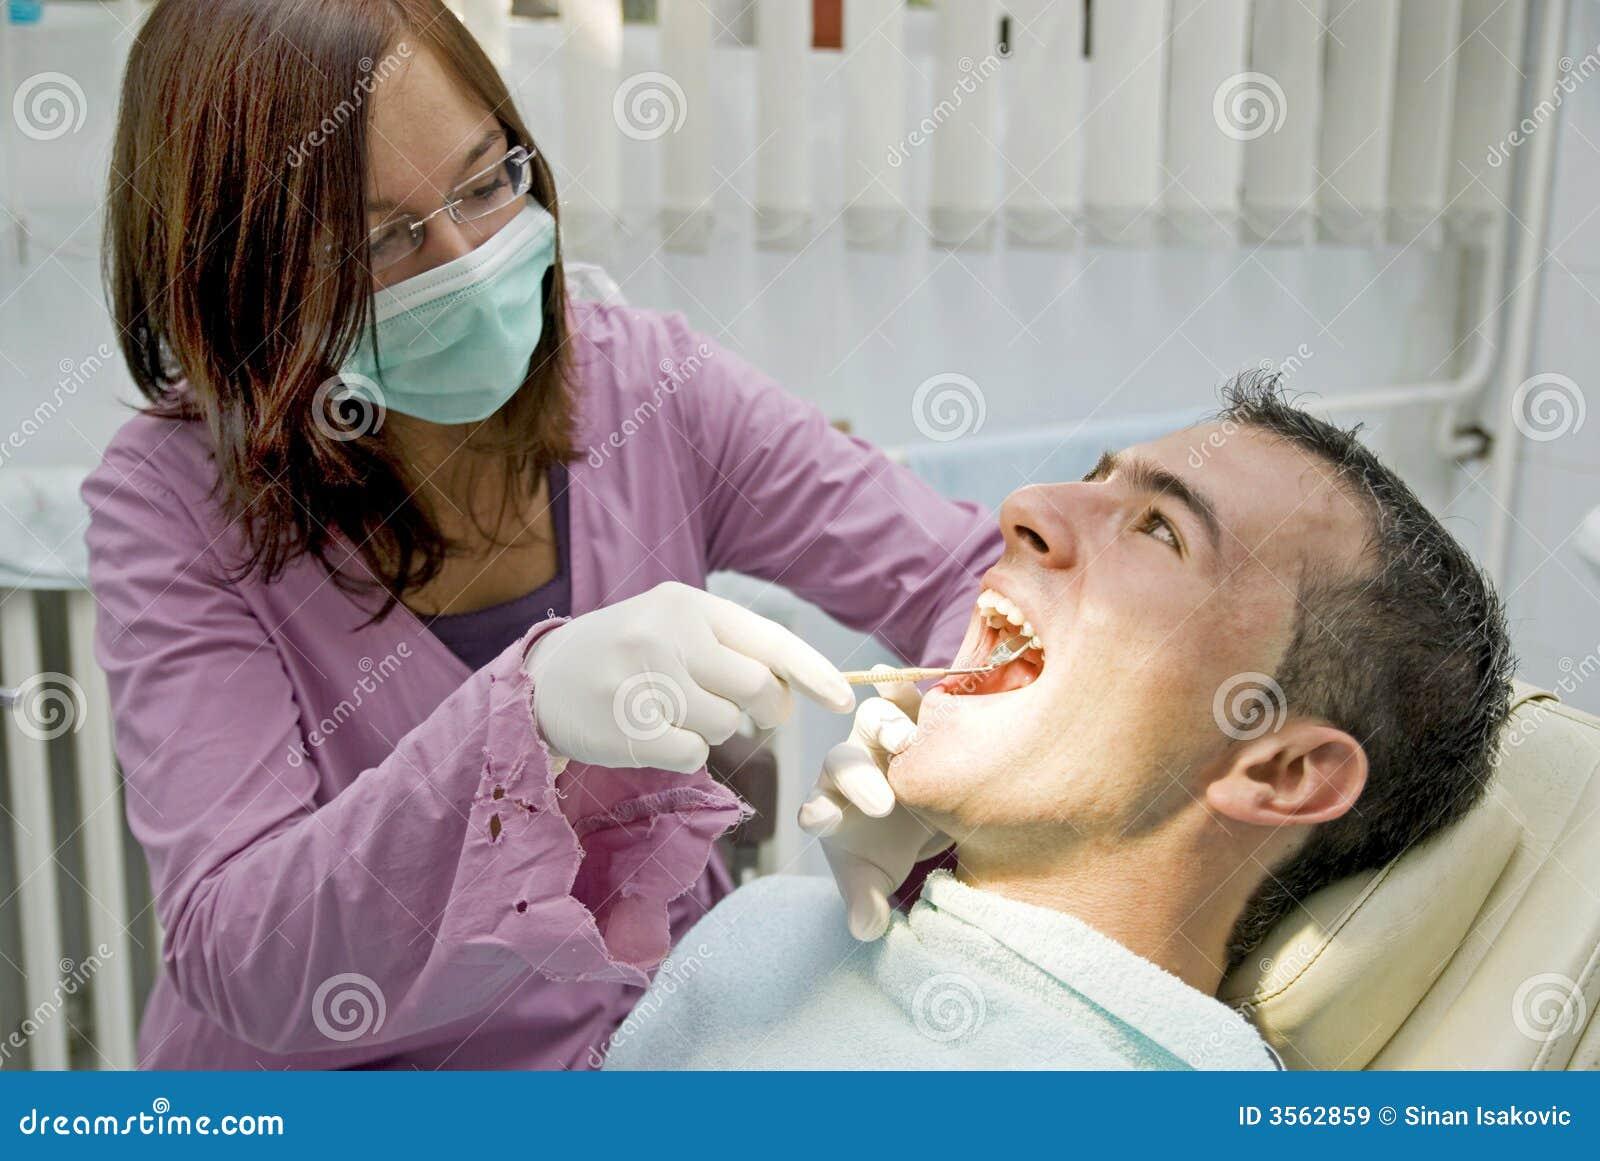 дантист